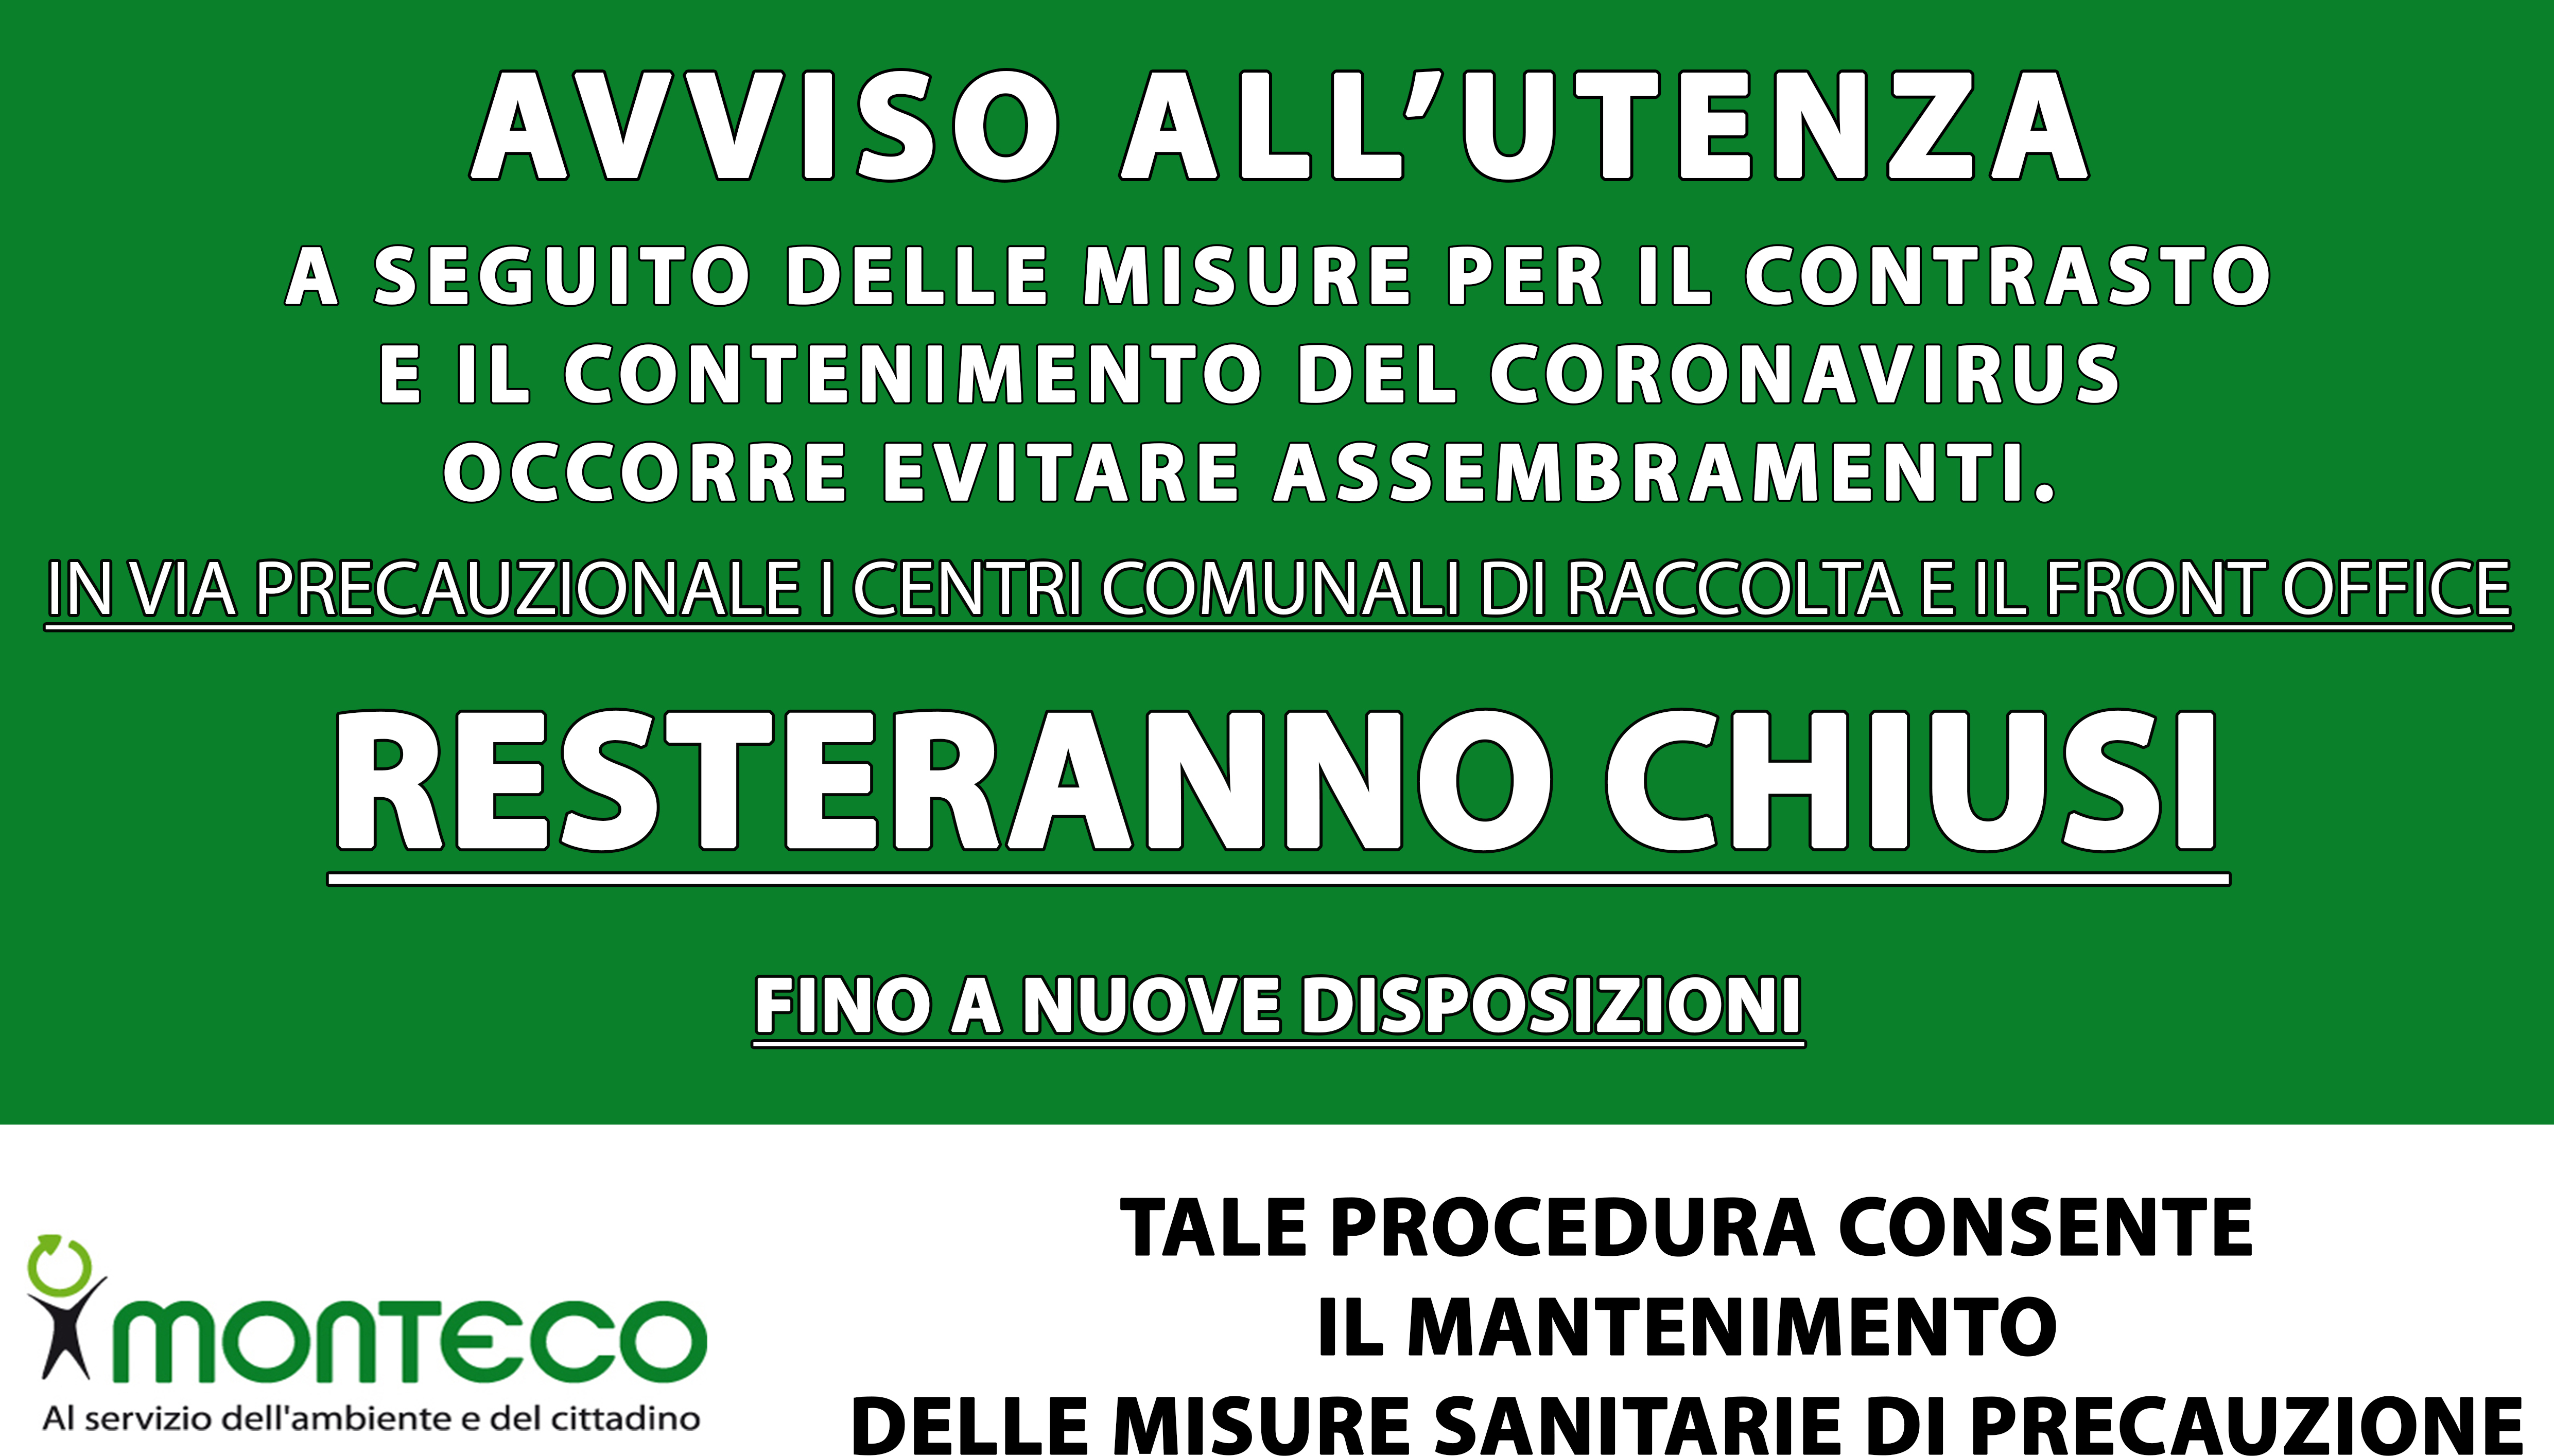 PALAGIANELLO. CHIUSURA STRAORDINARIA FRONT OFFICE E CENTRO COMUNALE DI RACCOLTA